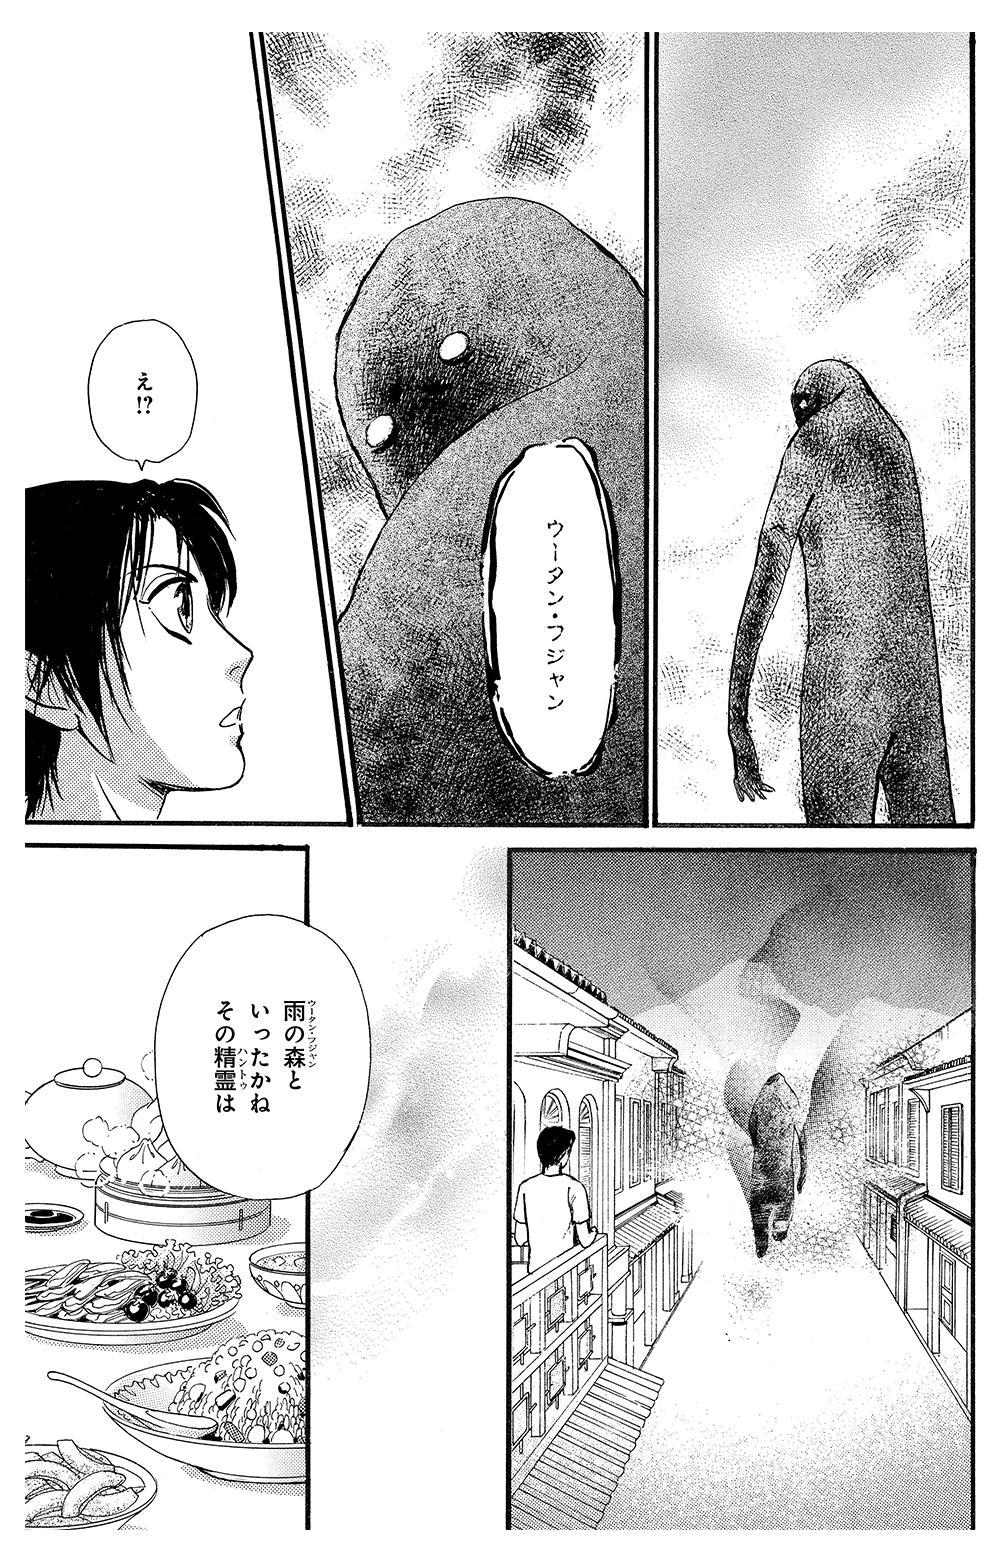 くにのまほろば 第1話 ②kunimaho02-01.jpg